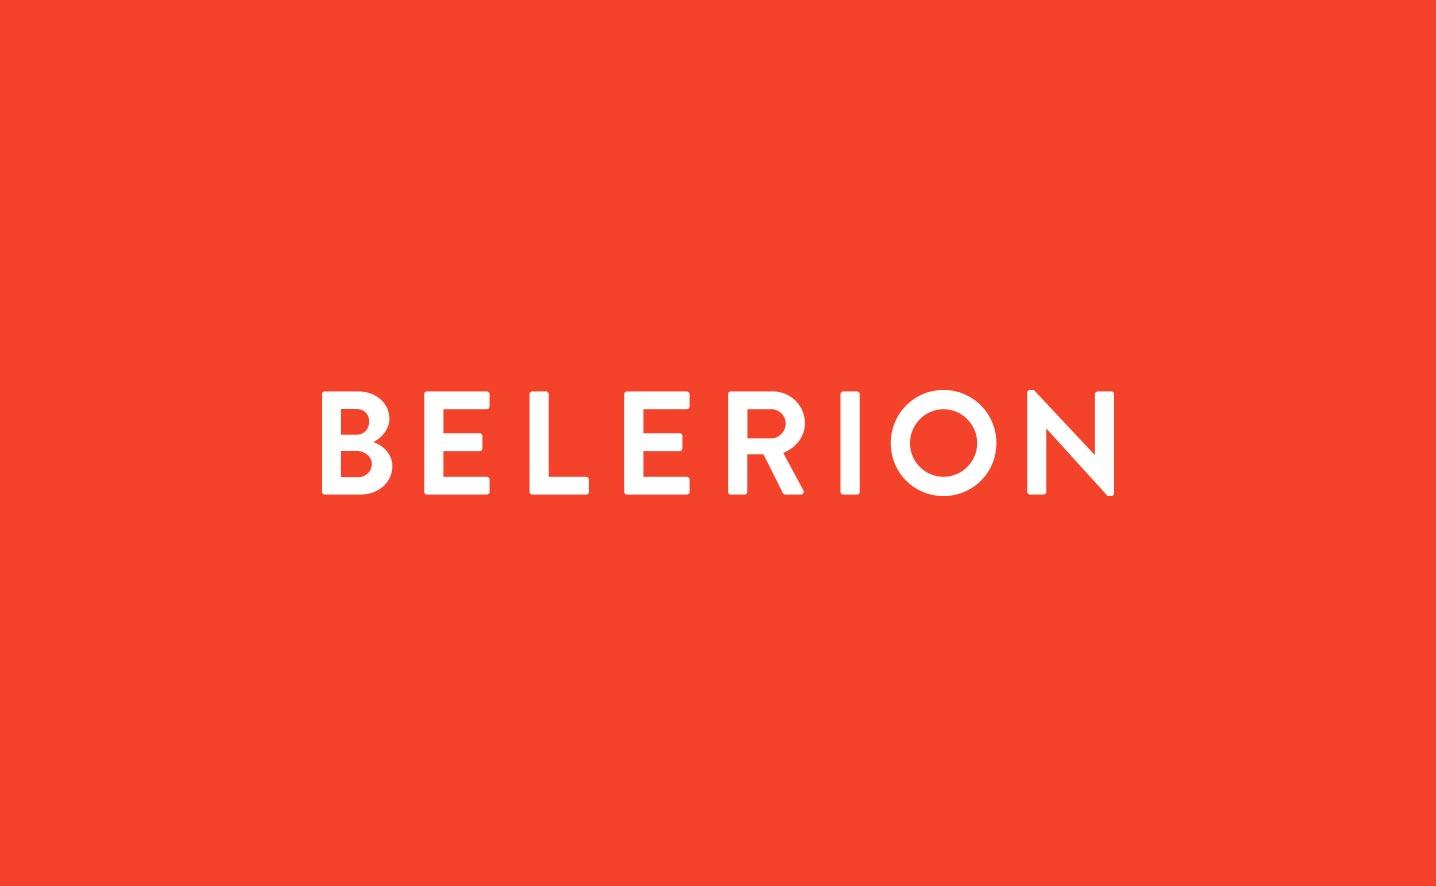 belerion-logo-design-ascend-1